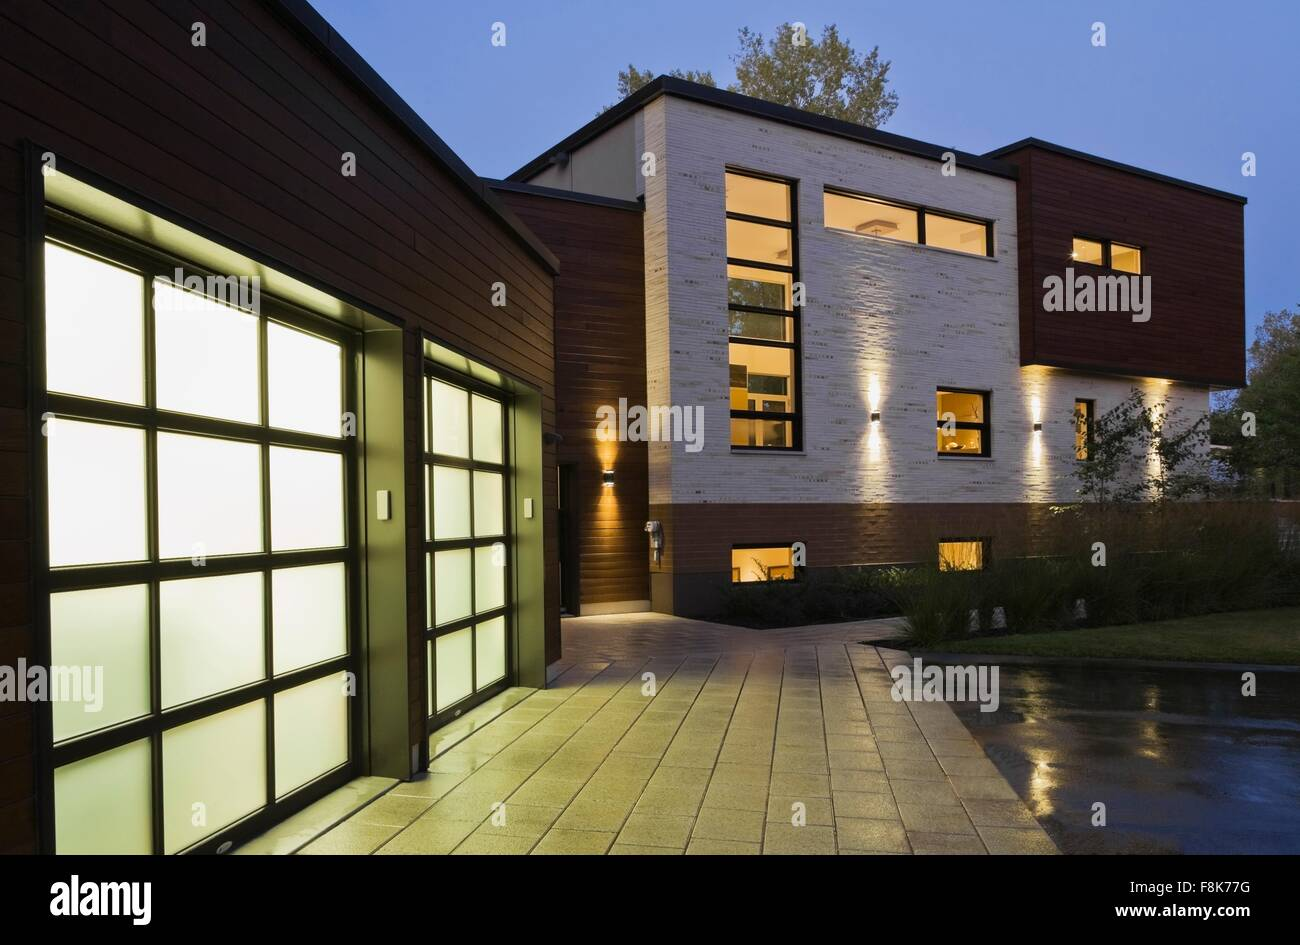 Garaje para dos coches iluminada de moderno estilo cubista casa residencial al anochecer, Quebec, Canadá Imagen De Stock